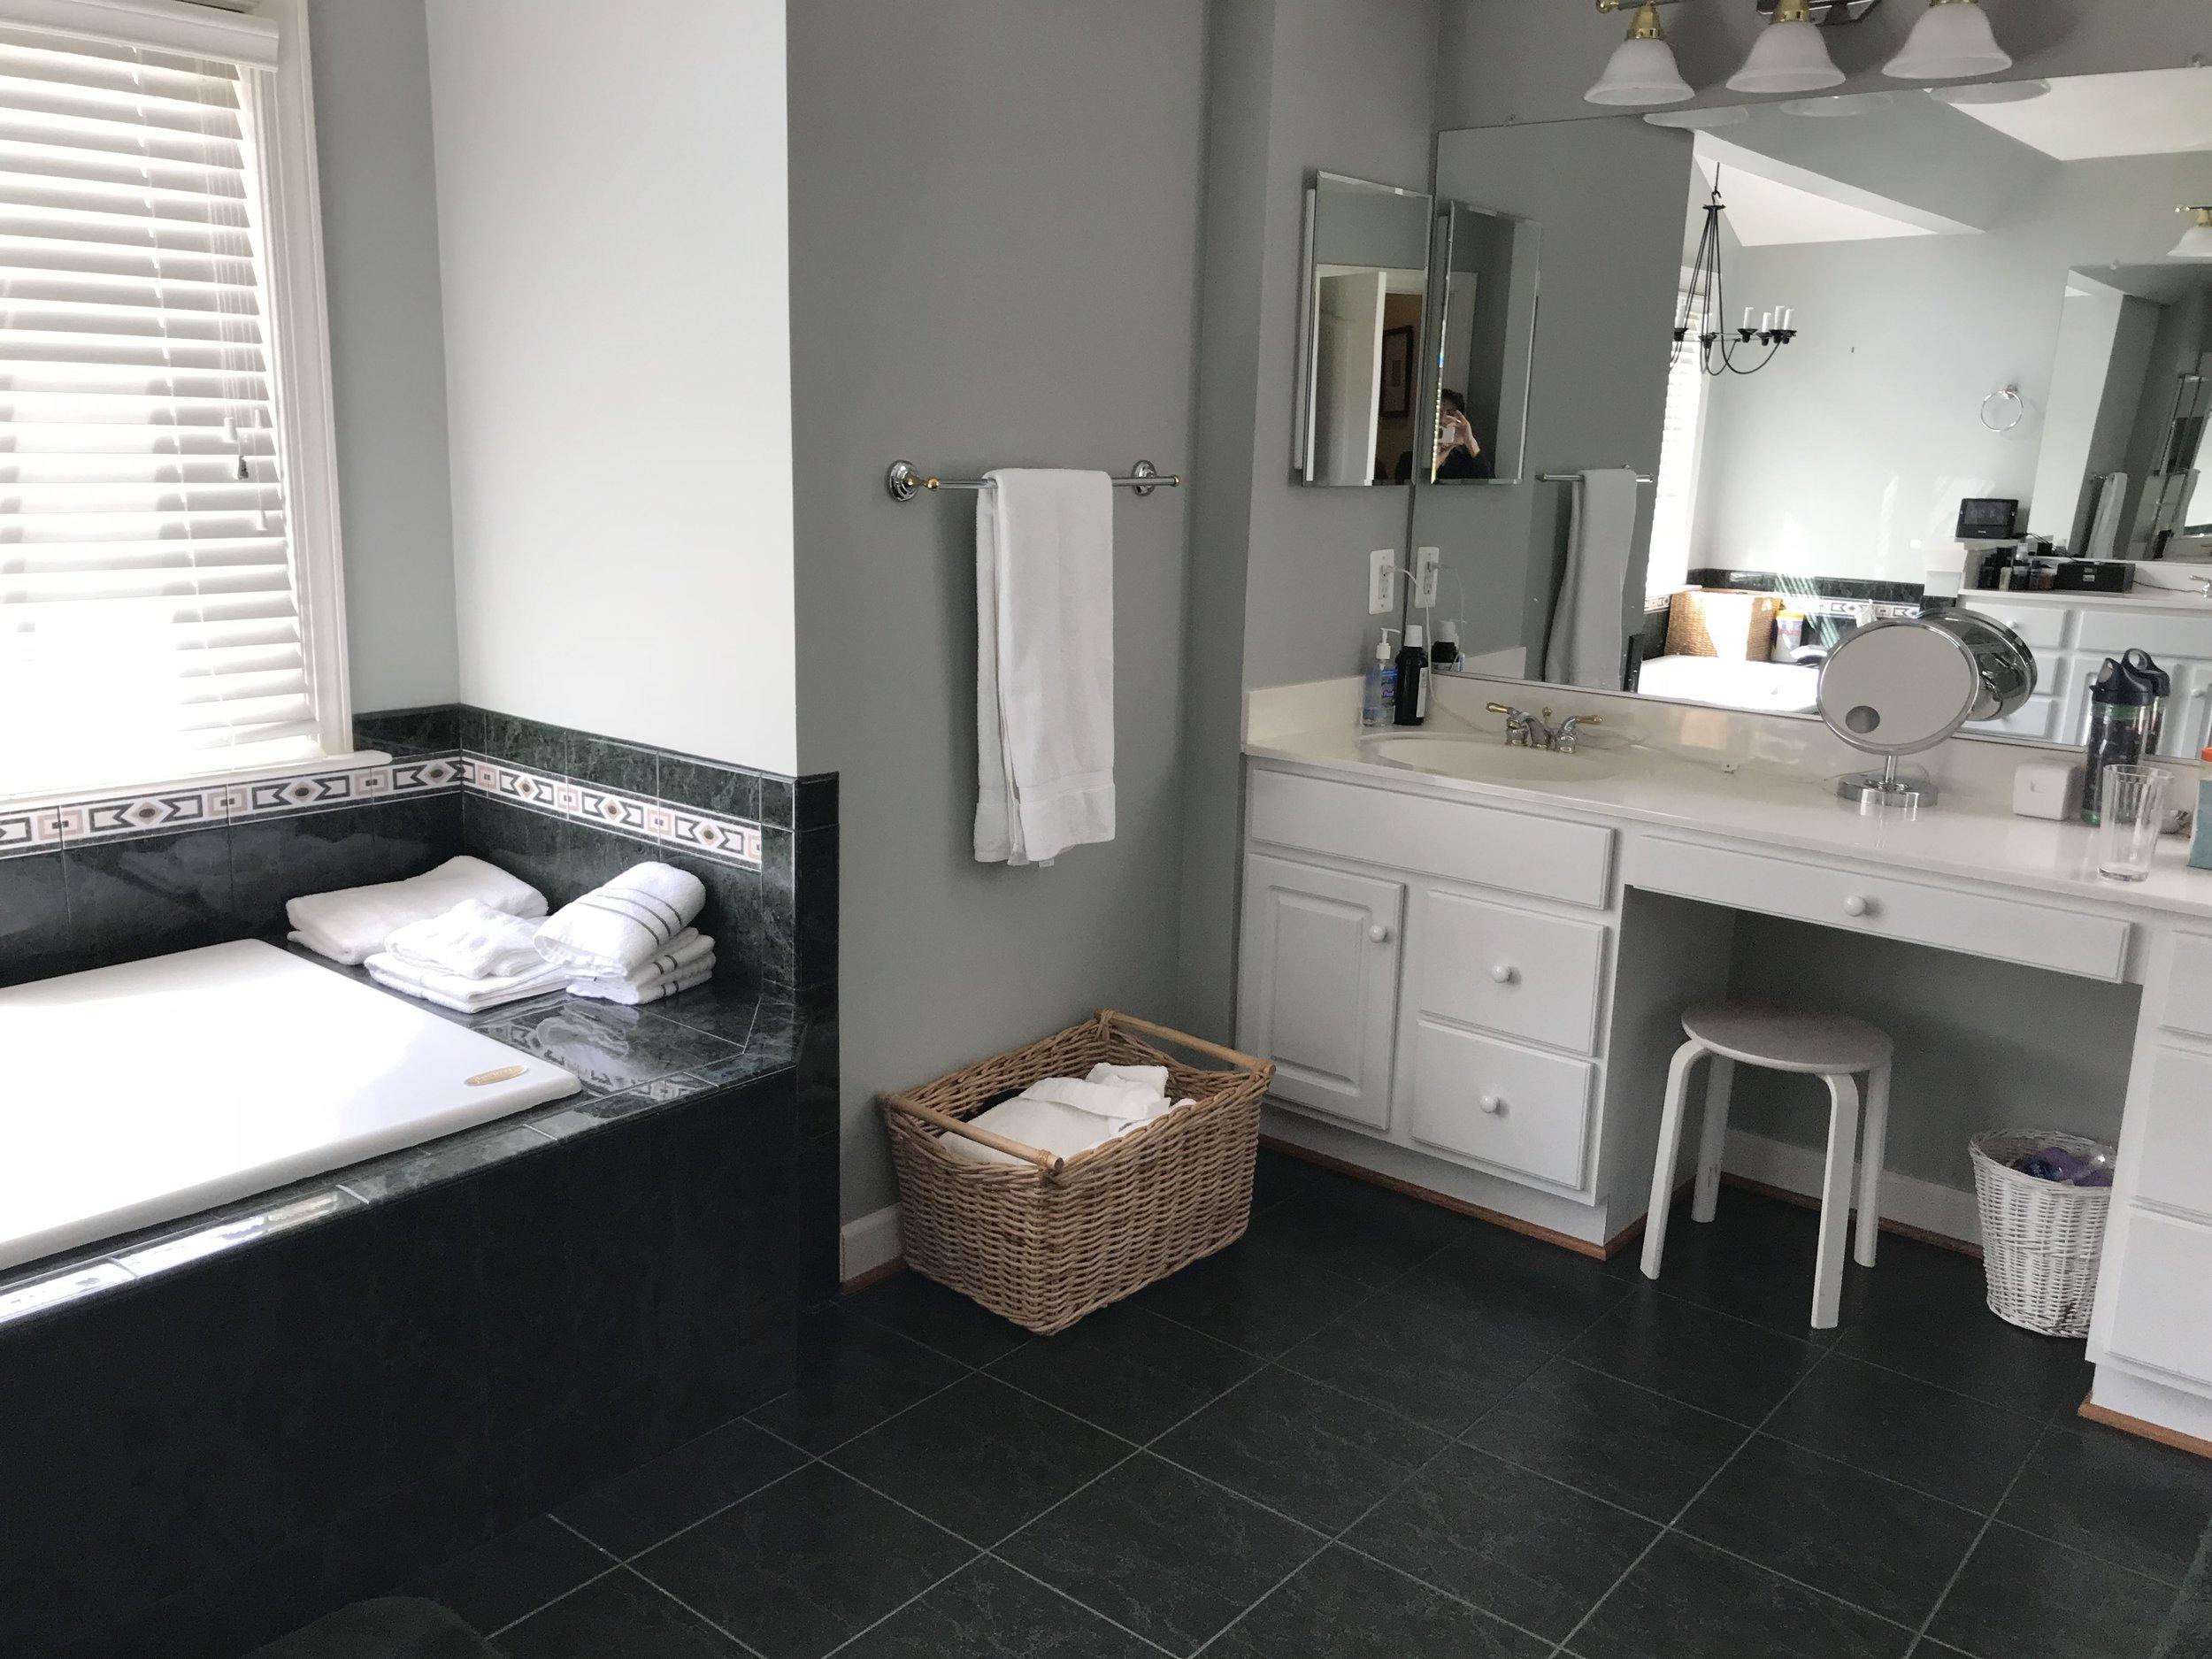 Bell_Bathroom_Before_2.jpg